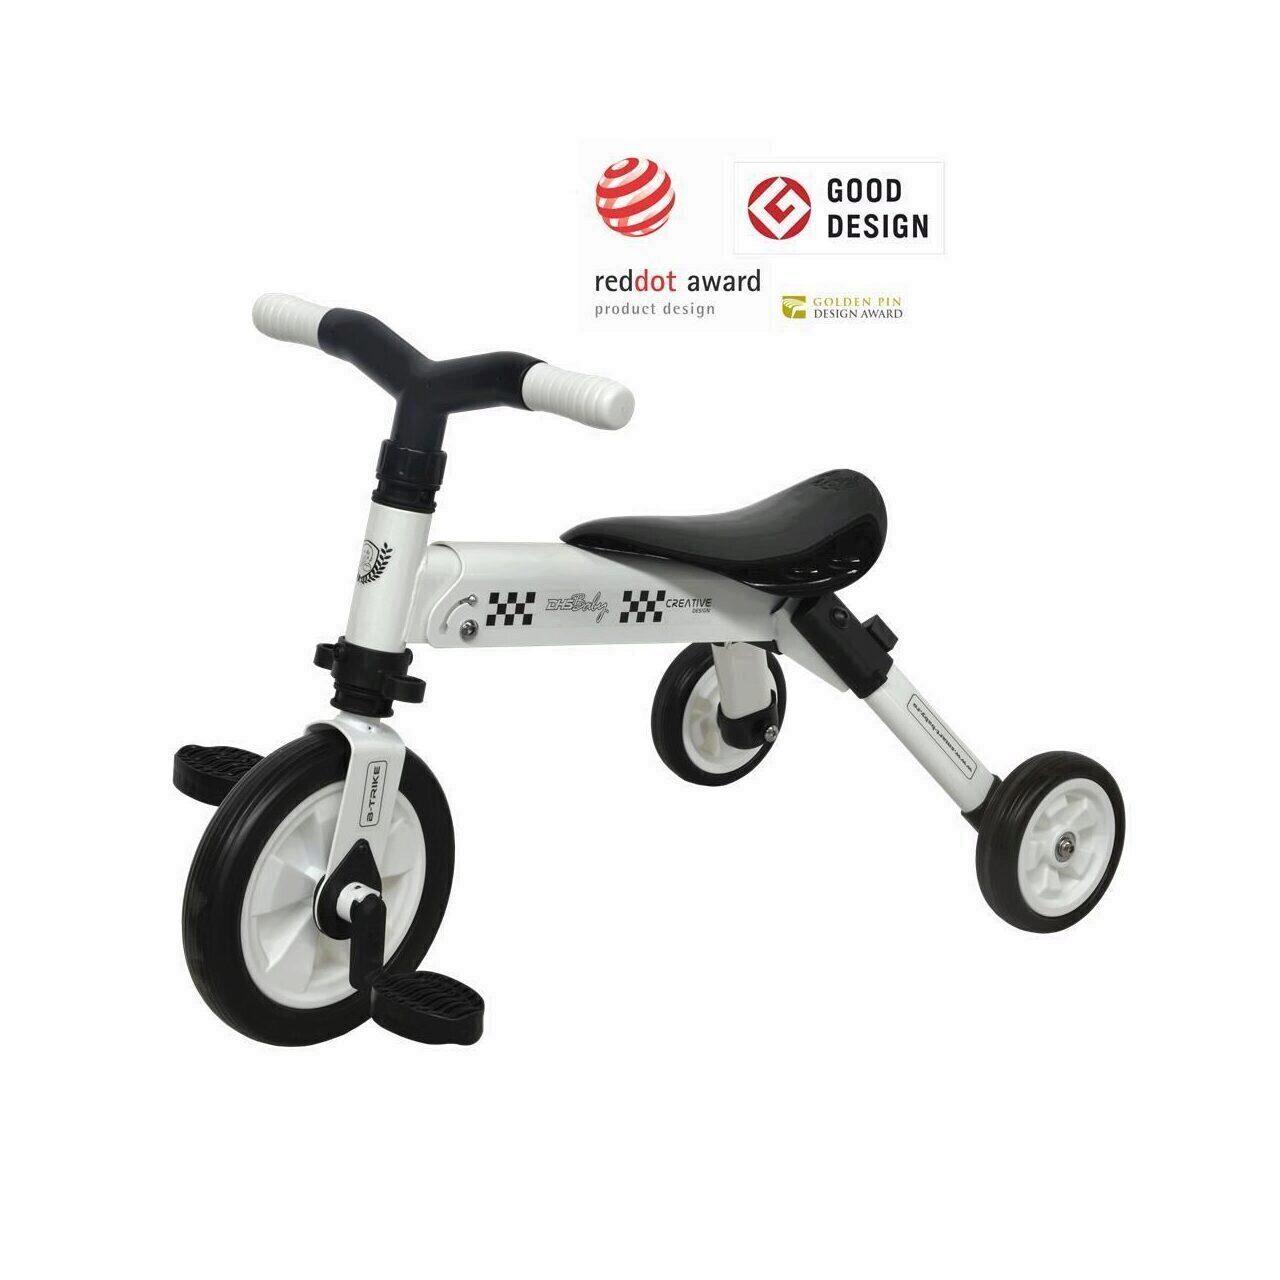 Tricicleta DHS B-Trike alb